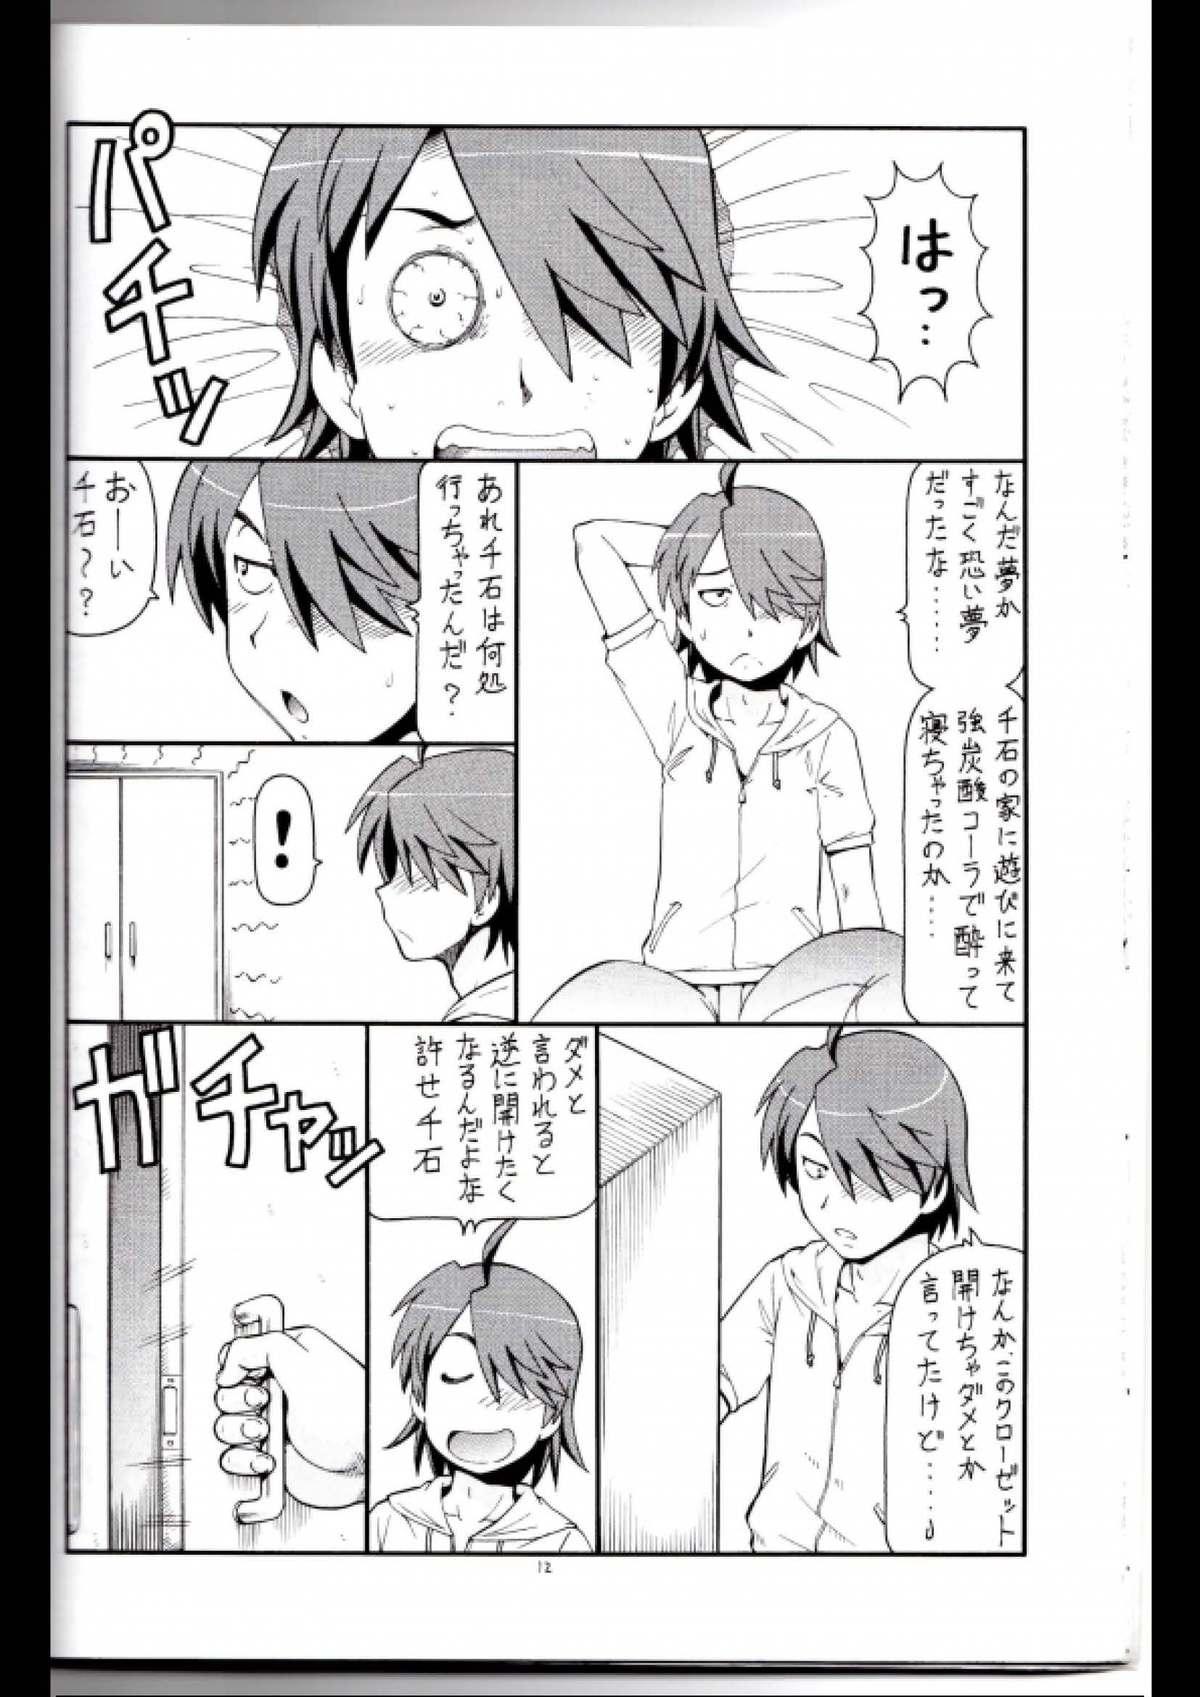 """Hito ni Hakanai to Kaite """"Araragi"""" to Yomu 2&3 12"""